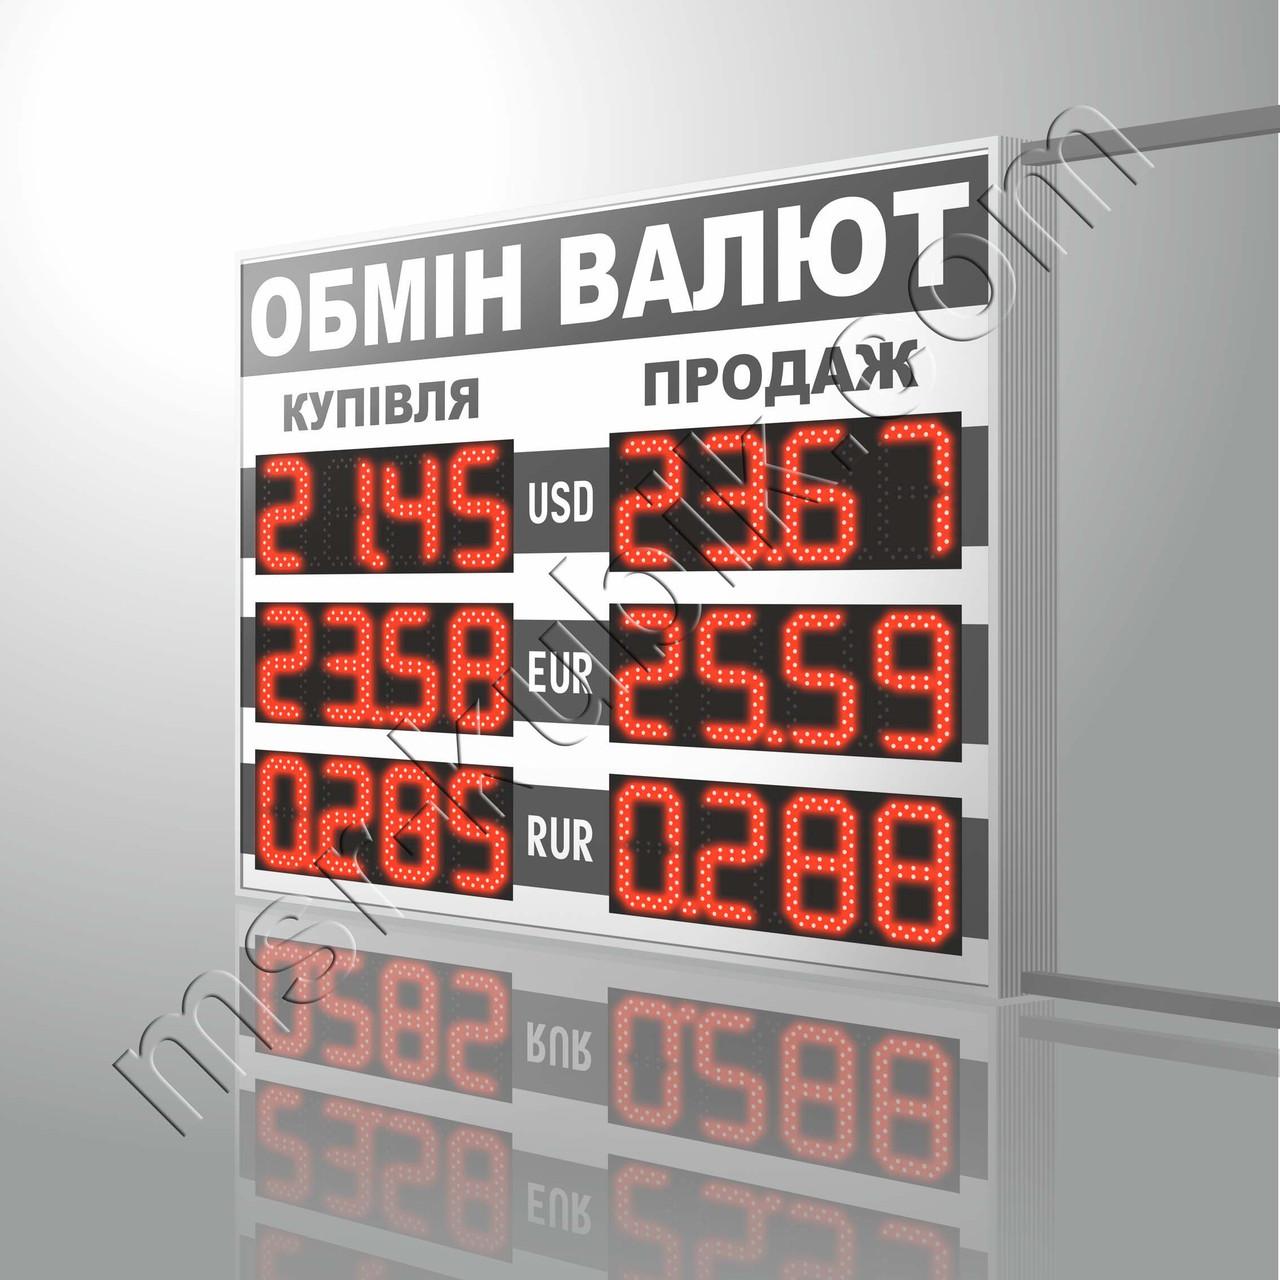 Табло обмін валют 1250х1000 мм